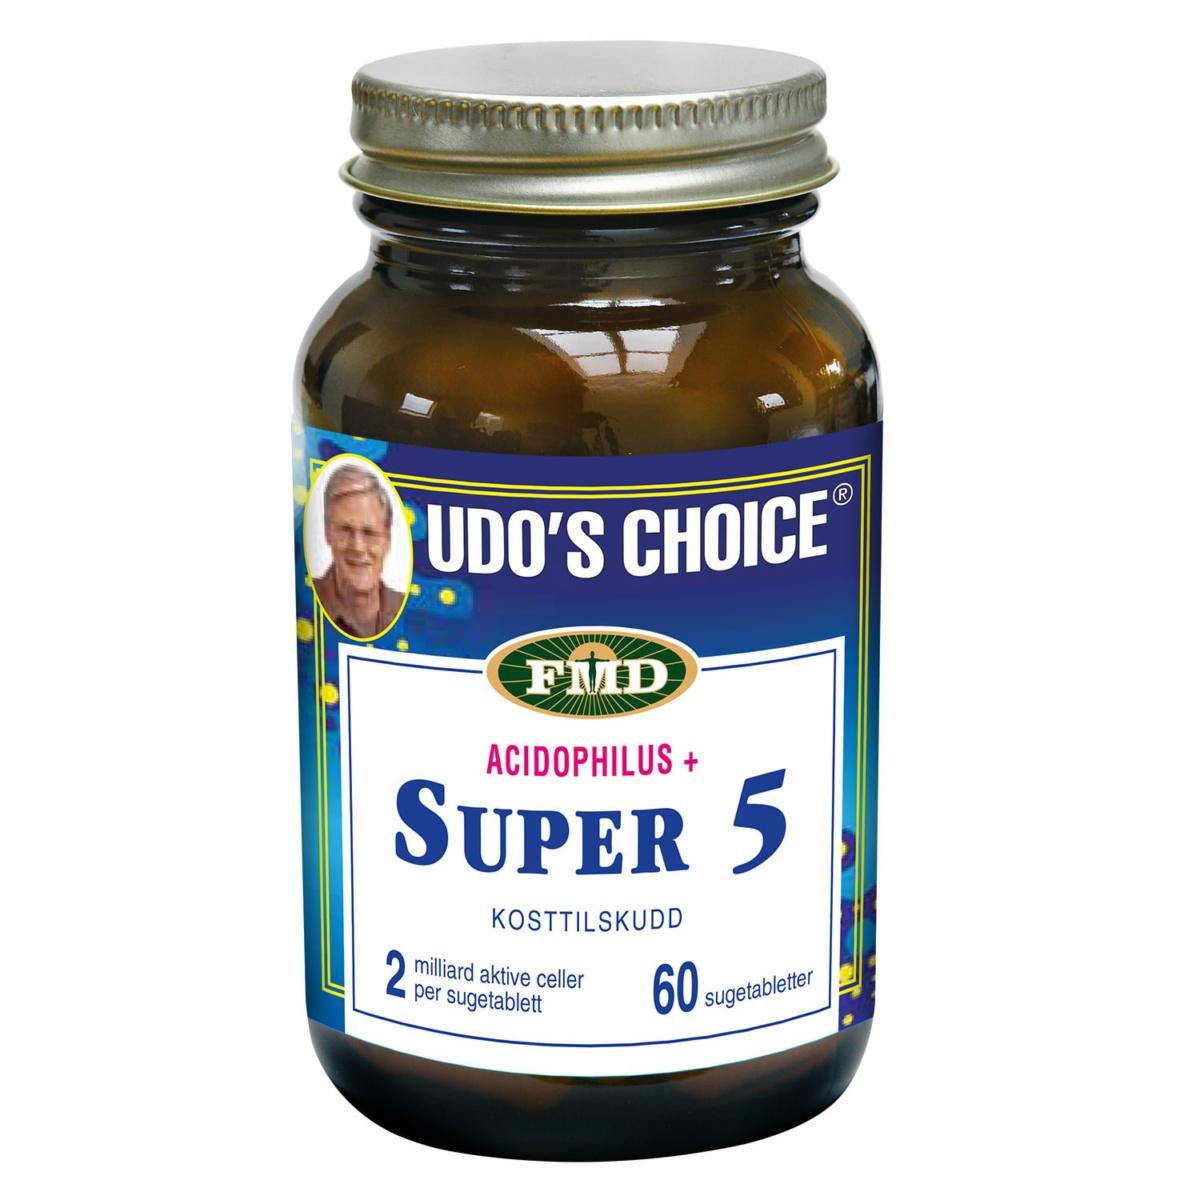 udos-choice-melkesyrebakterier-super5.jpg